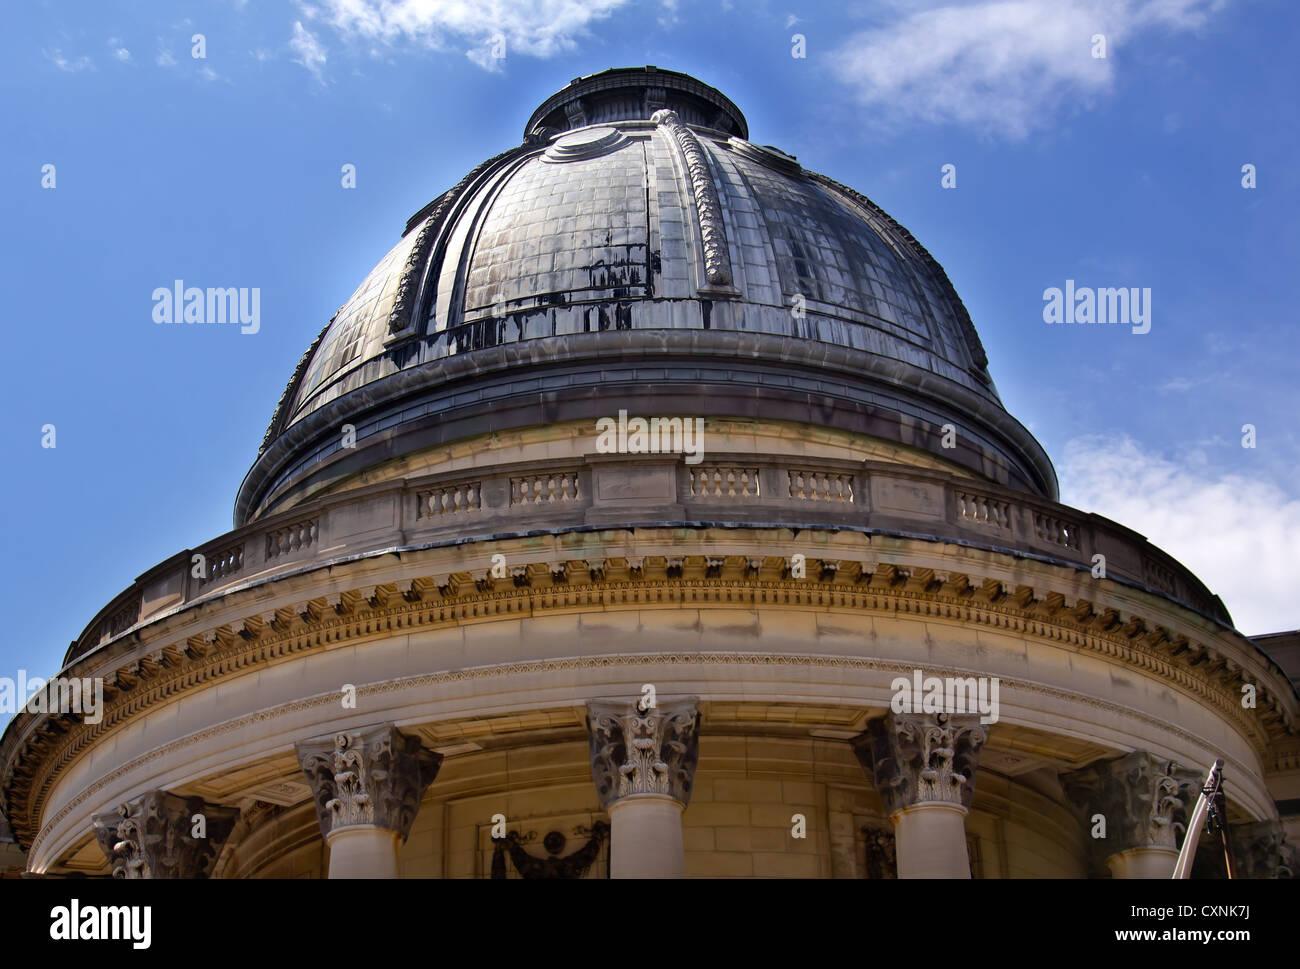 Woolsey Yale University School of Music Hall edificio Victoriano ornamentado Domo Torres New Haven Connecticut Foto de stock